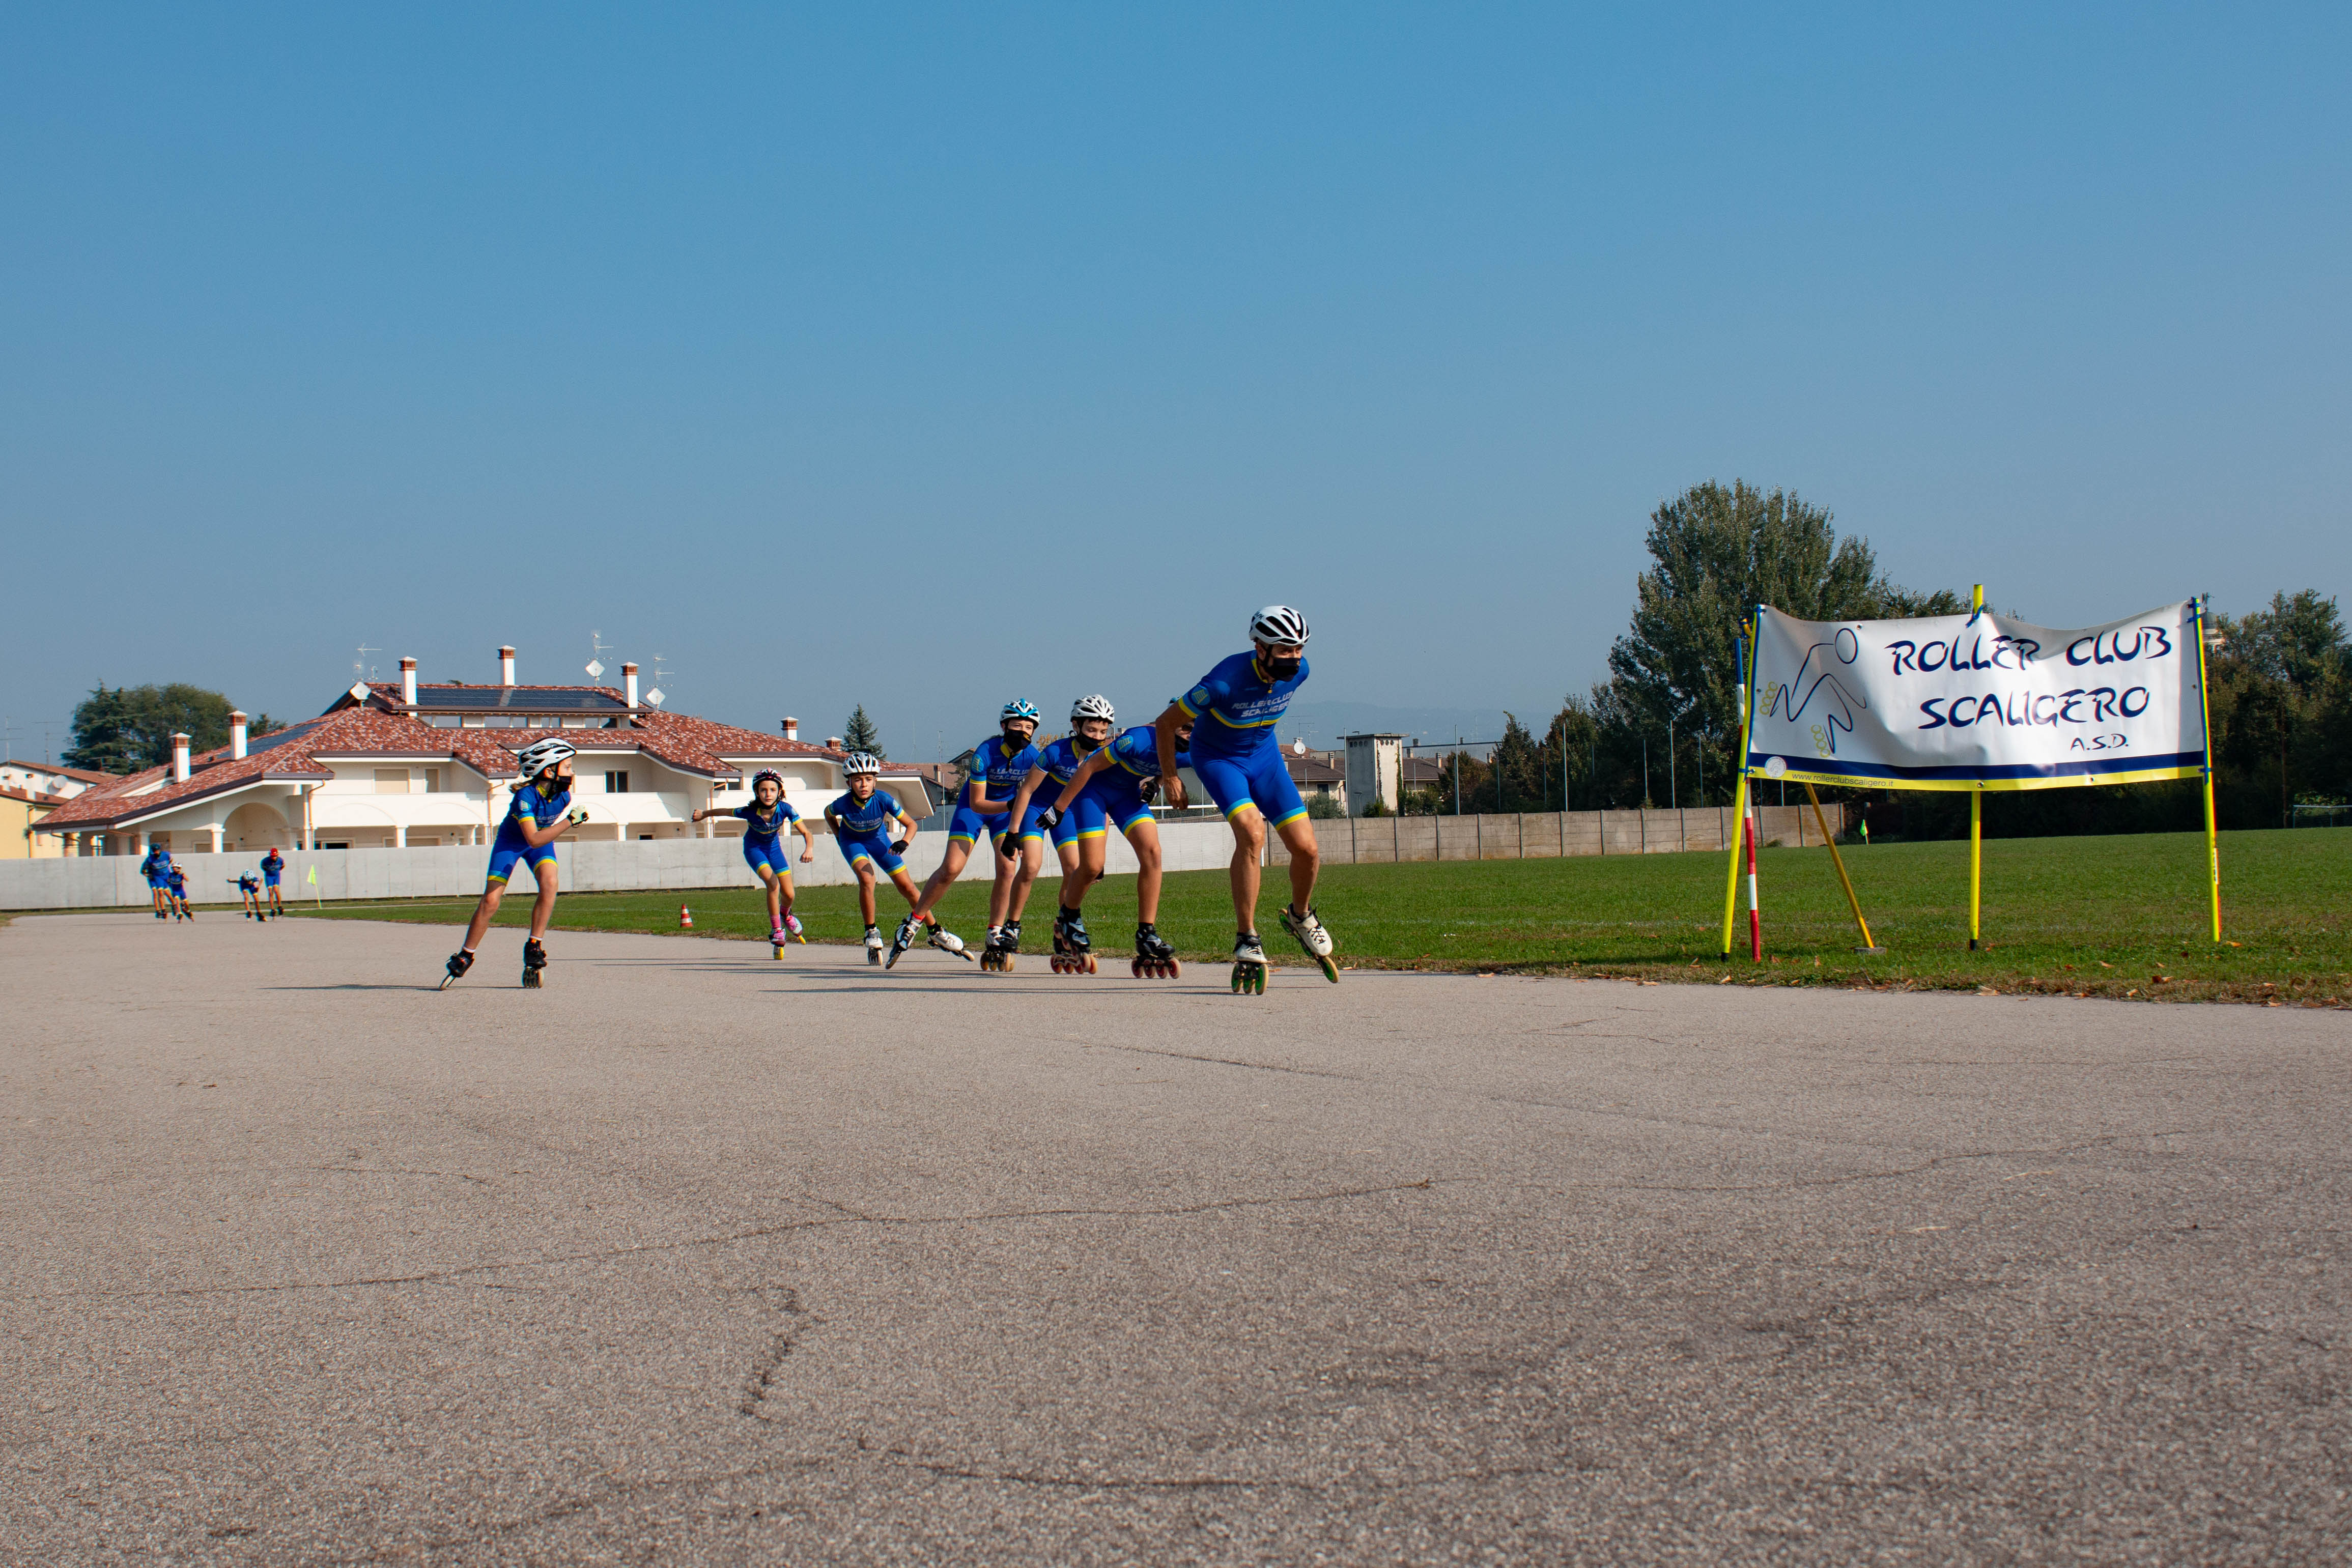 Atleti in azione